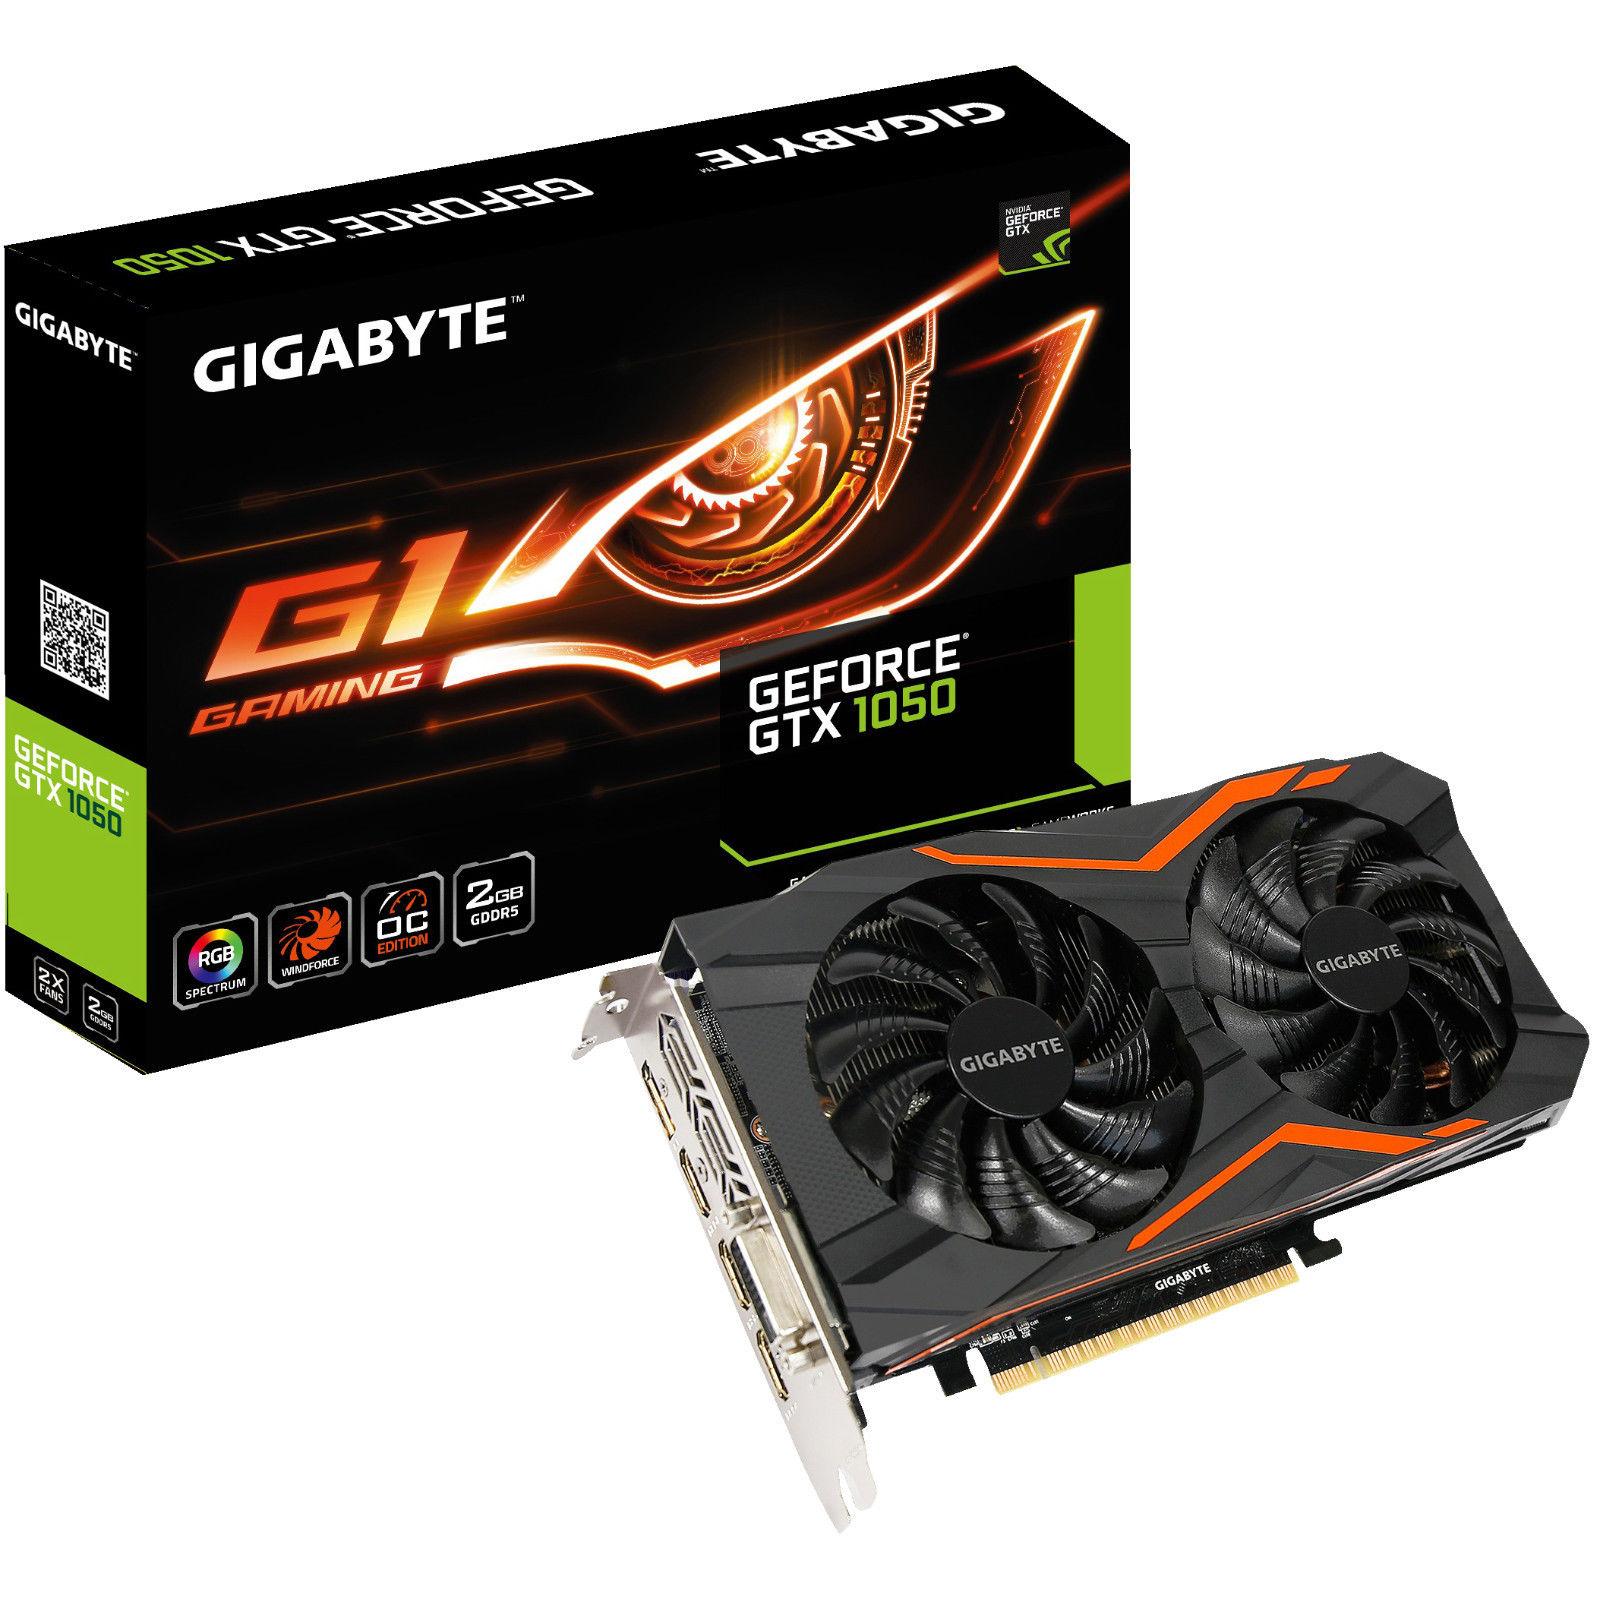 GIGABYTE GeForce GTX 1050 G1 Gaming OC 2GB (GV-N1050G1-2GD) für 107 € bei Mediamarkt @ ebay